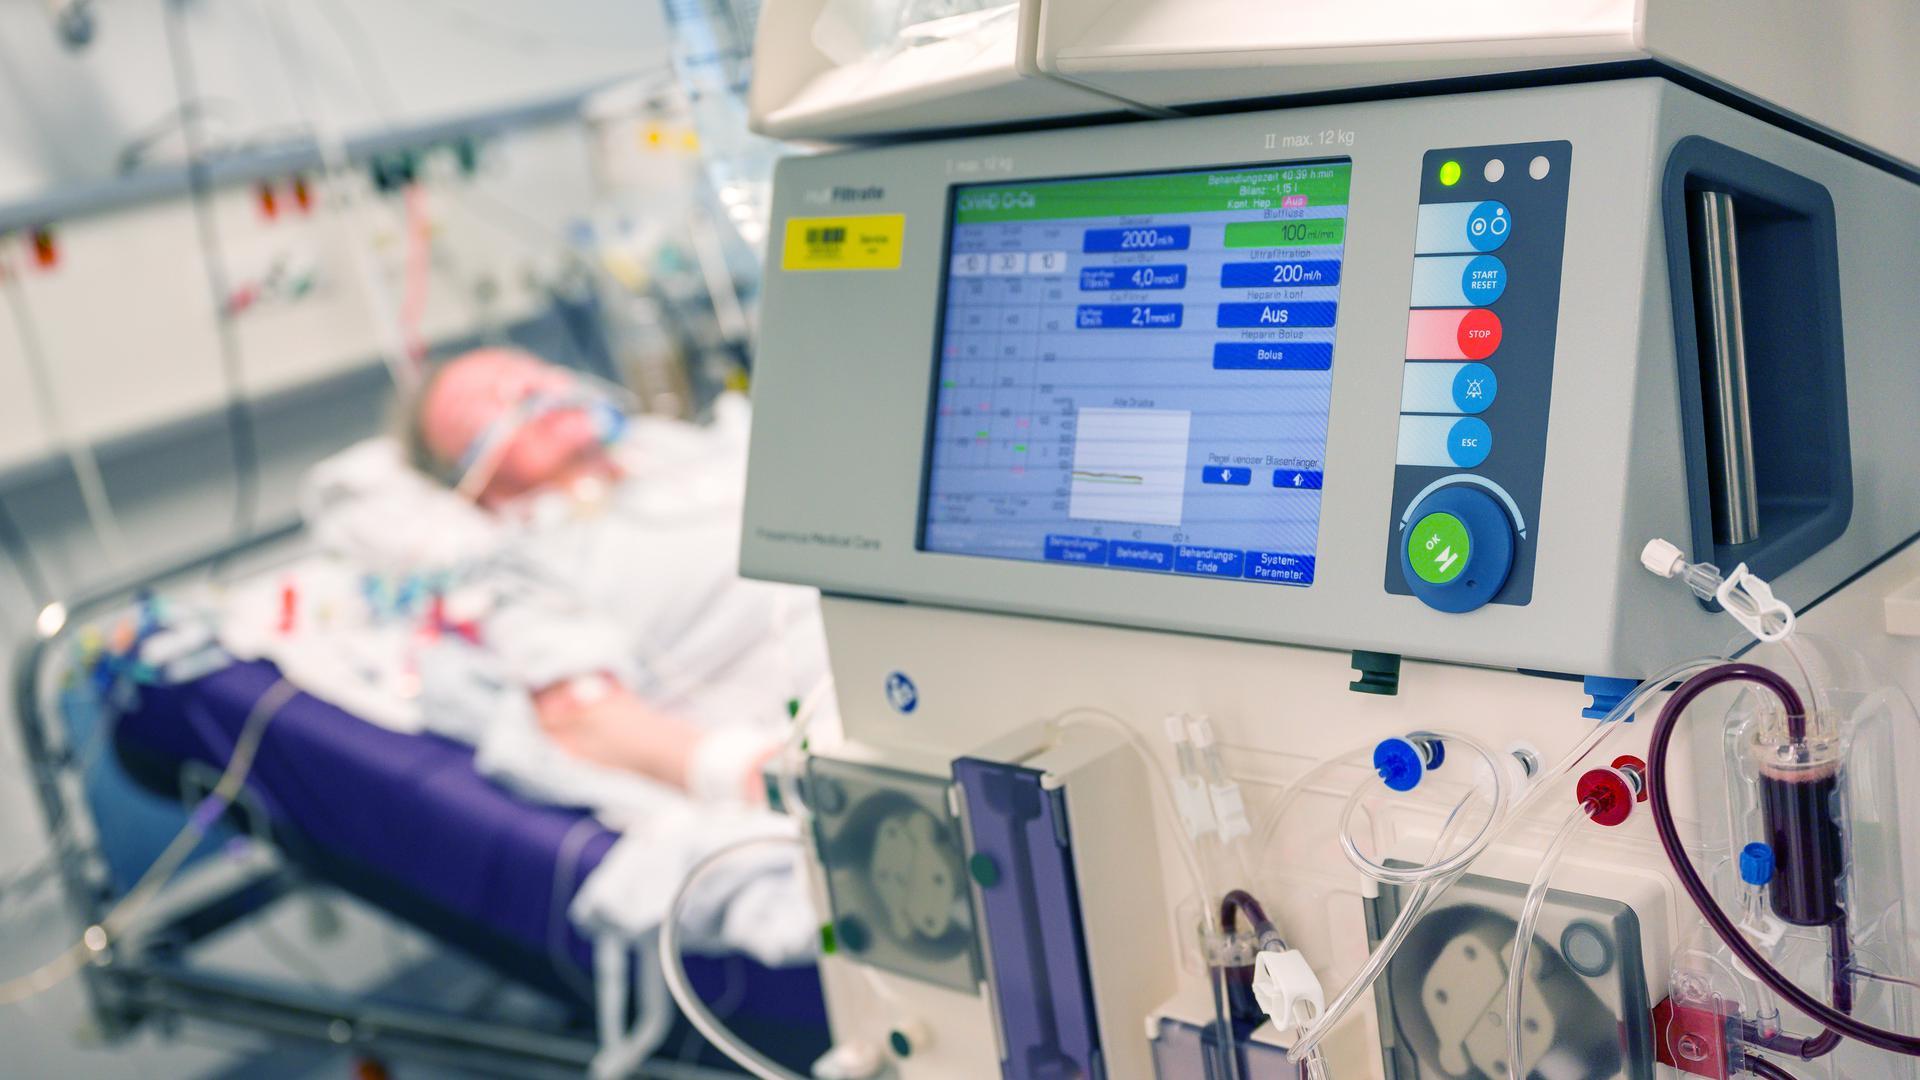 Viele Corona-Skeptiker bestreiten, dass es einen Anstieg der Sars-CoV-2-Infektionen gibt, sie behaupten, dass es keine akuten Fälle Gibt. Tatsächlich werden jedoch derzeit Hunderte Menschen in Deutschland wegen Covid-19 auf Intensivstationen der Kliniken behandelt. Das Archivfoto zeigt ein Krankenzimmer in einem bayerischen Krankenhaus im April.